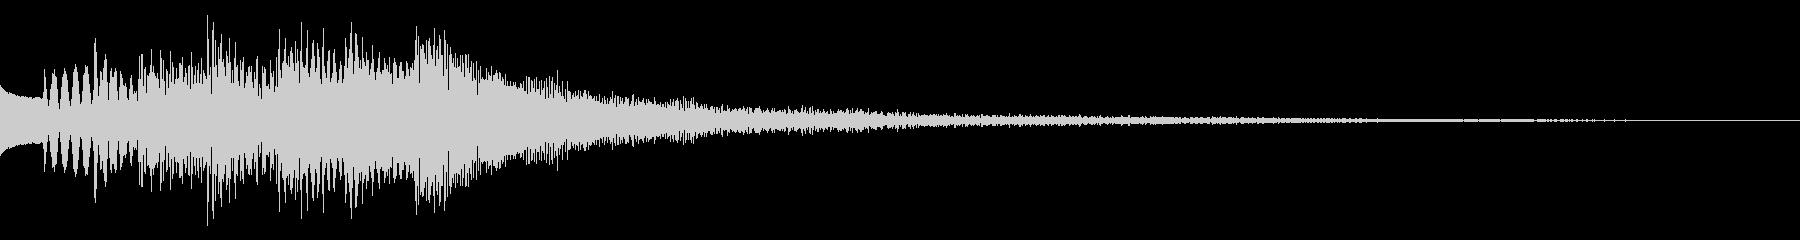 キラキラリン 明るく安心感のある効果音の未再生の波形